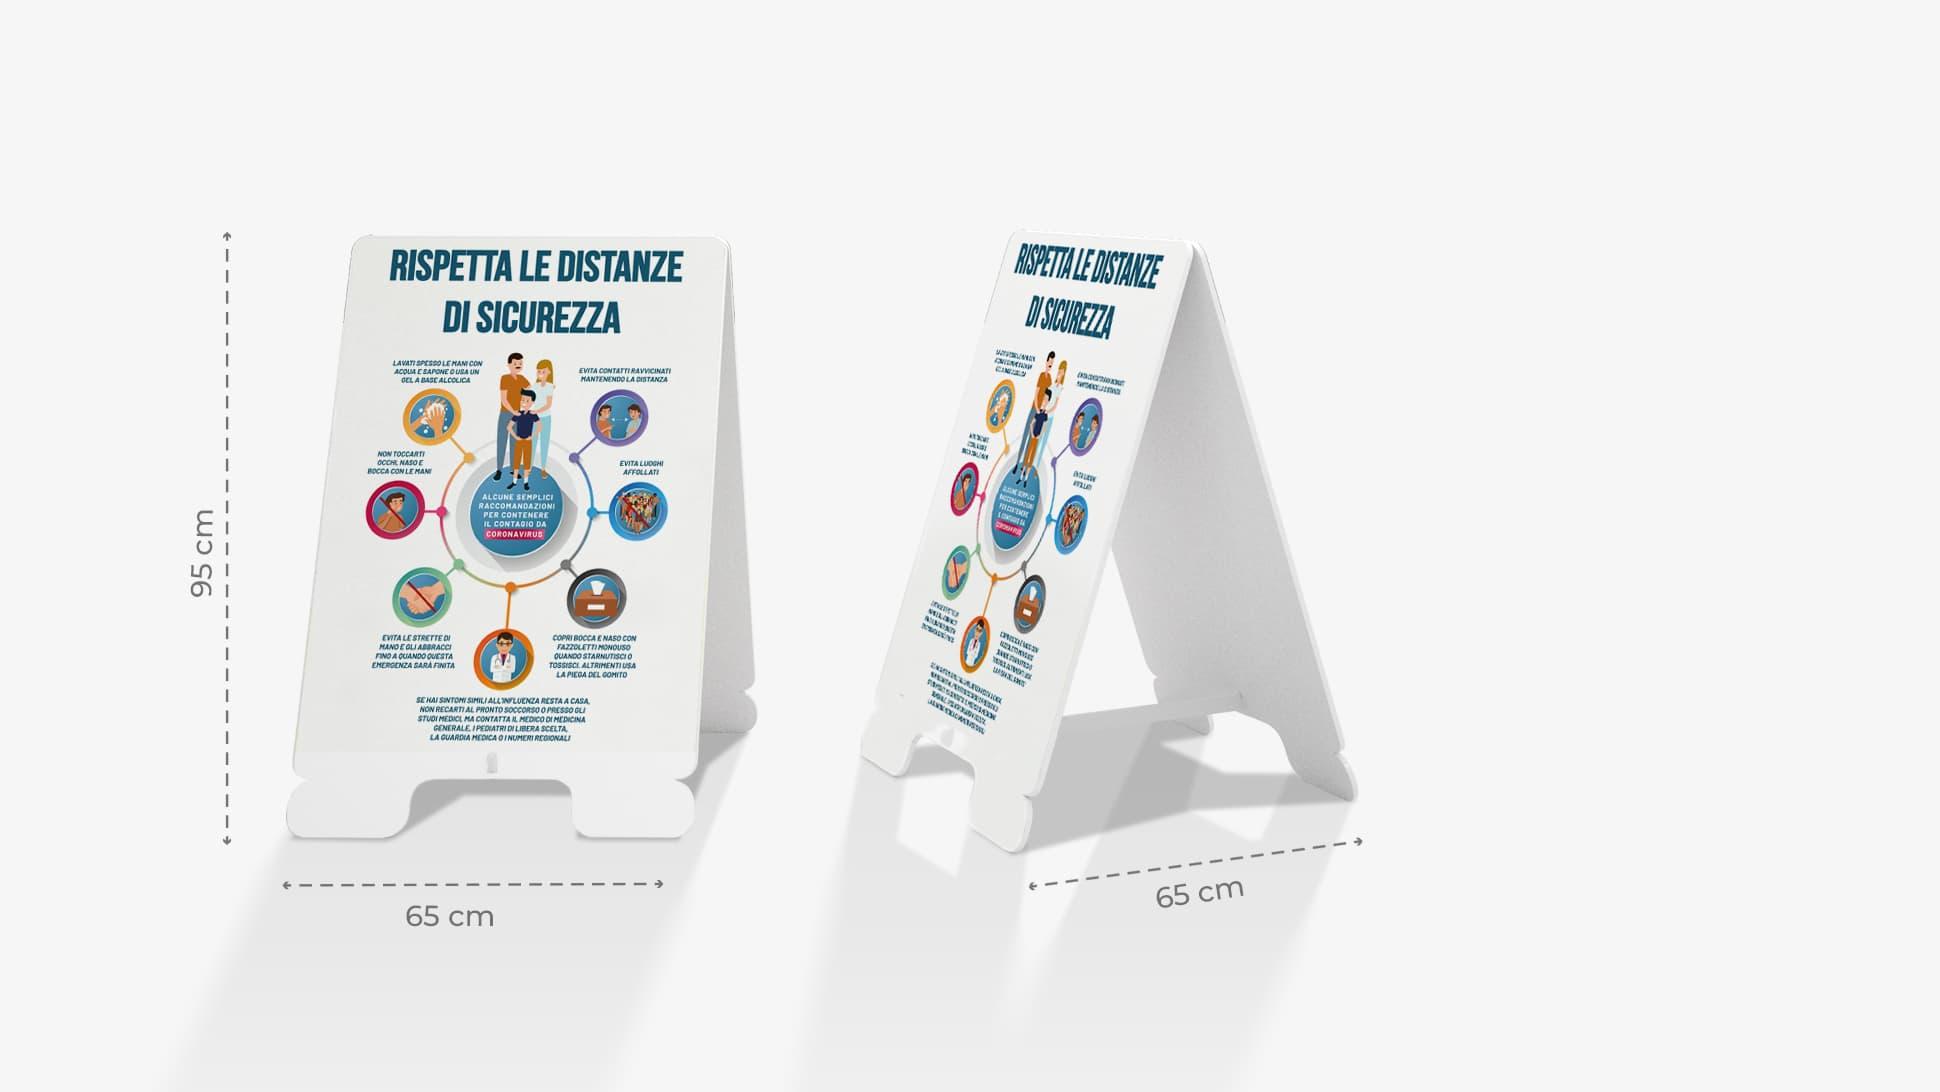 Cavalletto in polionda con informativa infografica Covid-19 | tictac.it